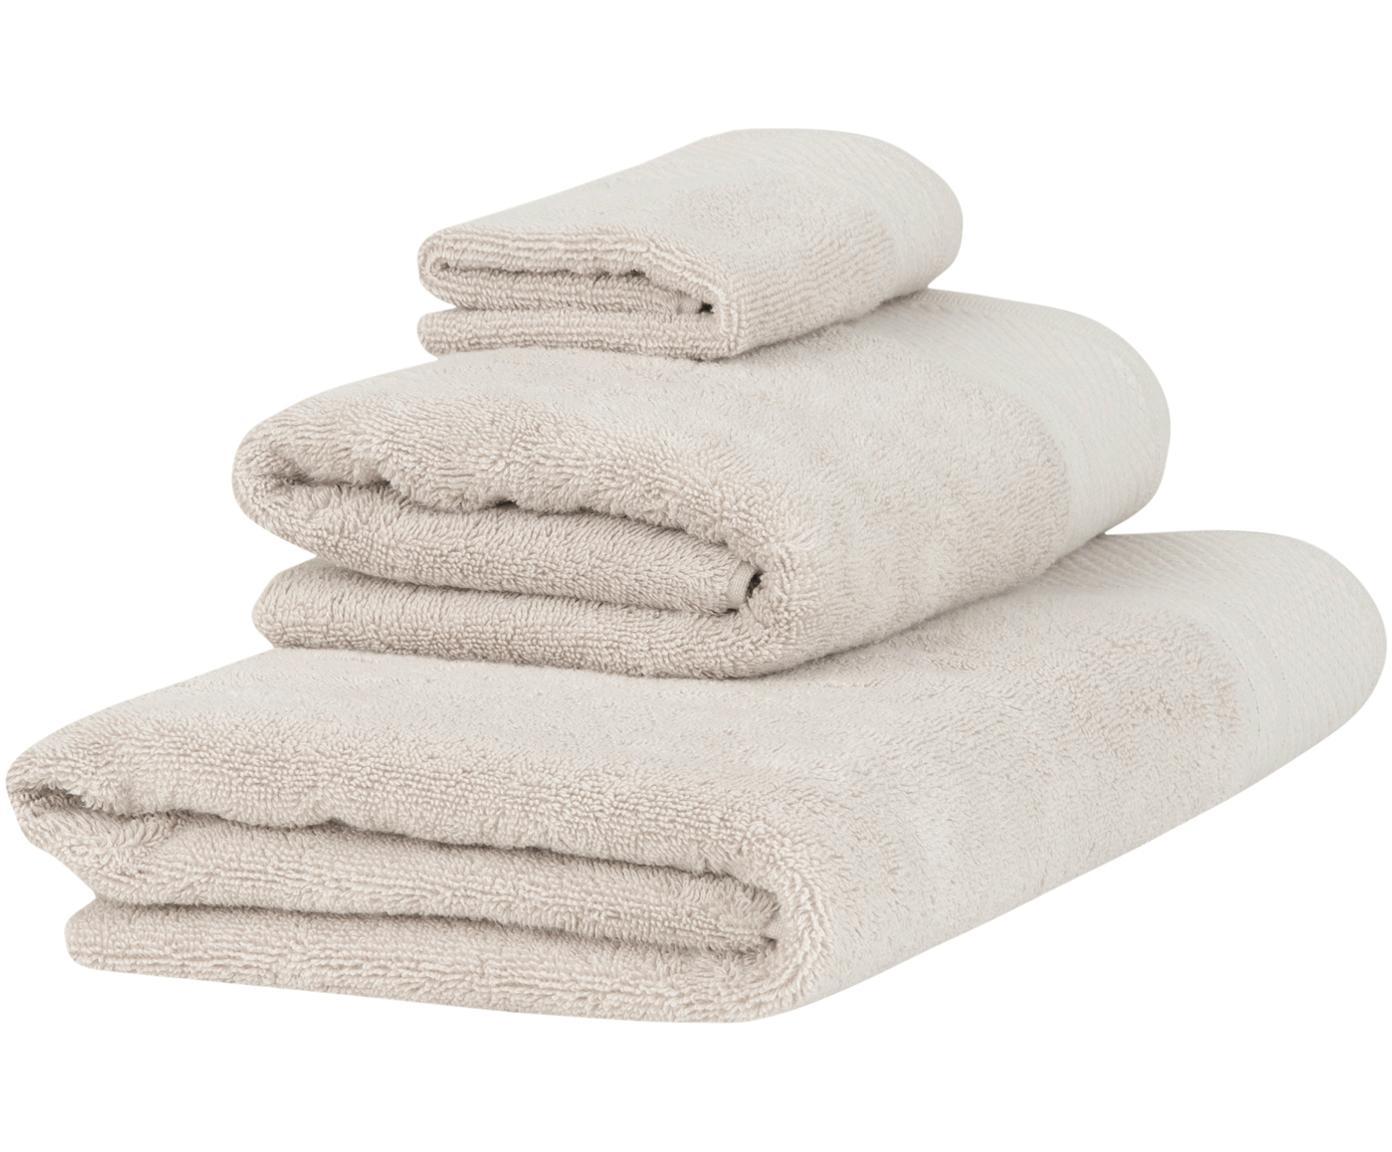 Handdoekenset Premium met klassiek sierborduursel, 3-delig, Beige, Verschillende formaten